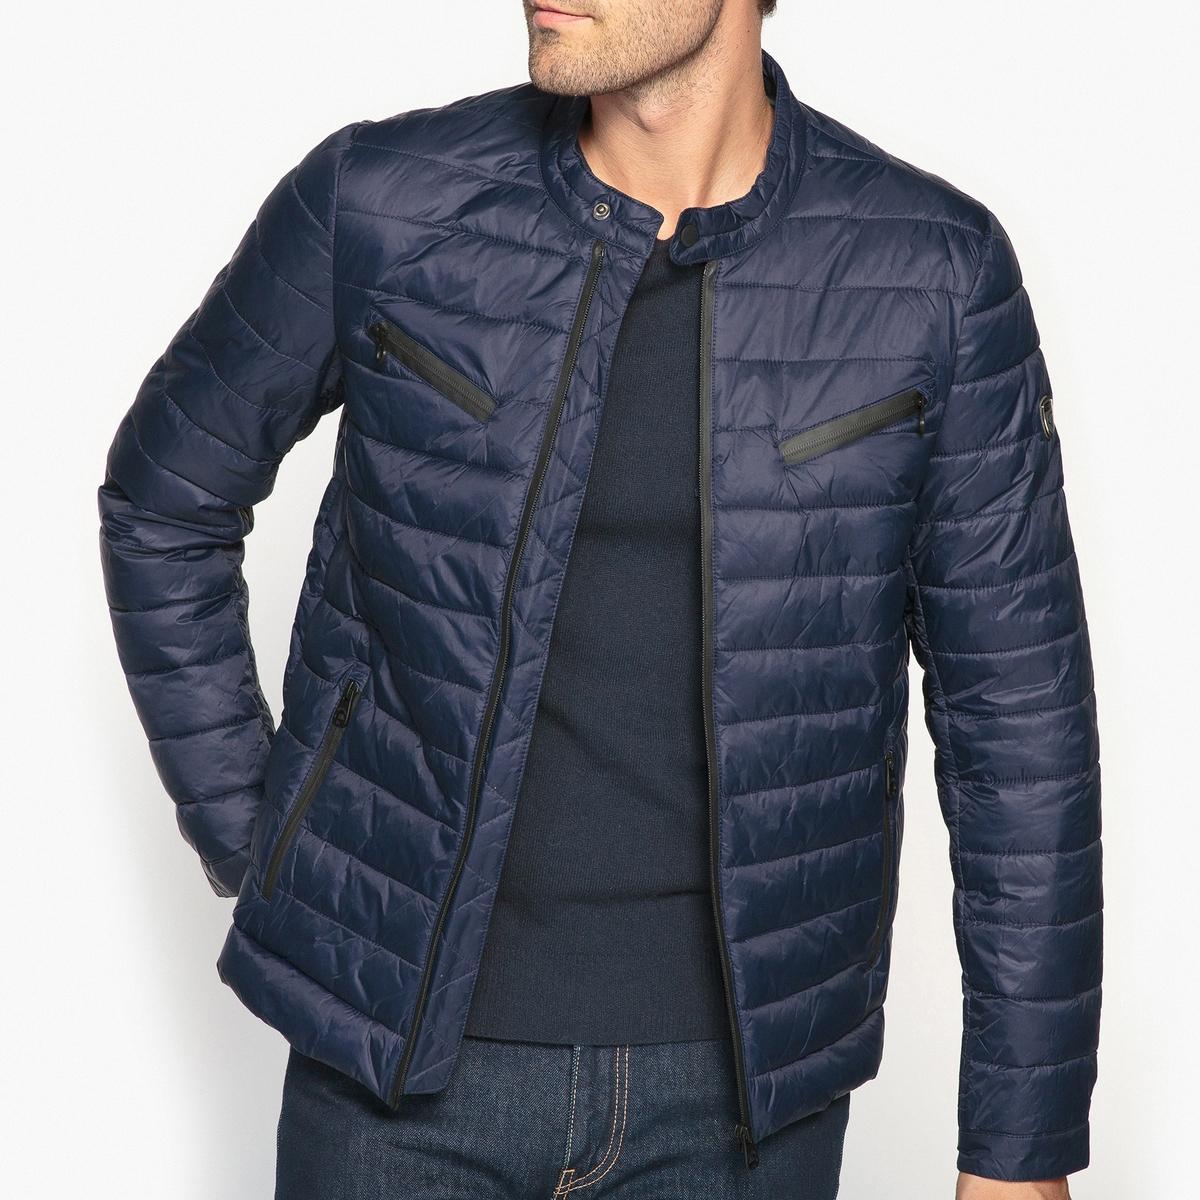 Куртка стеганаяДетали •  Длина : укороченная   •  Воротник-стойка •  Застежка на молниюСостав и уход •  100% полиамид  •  Следуйте советам по уходу, указанным на этикетке<br><br>Цвет: синий морской,черный